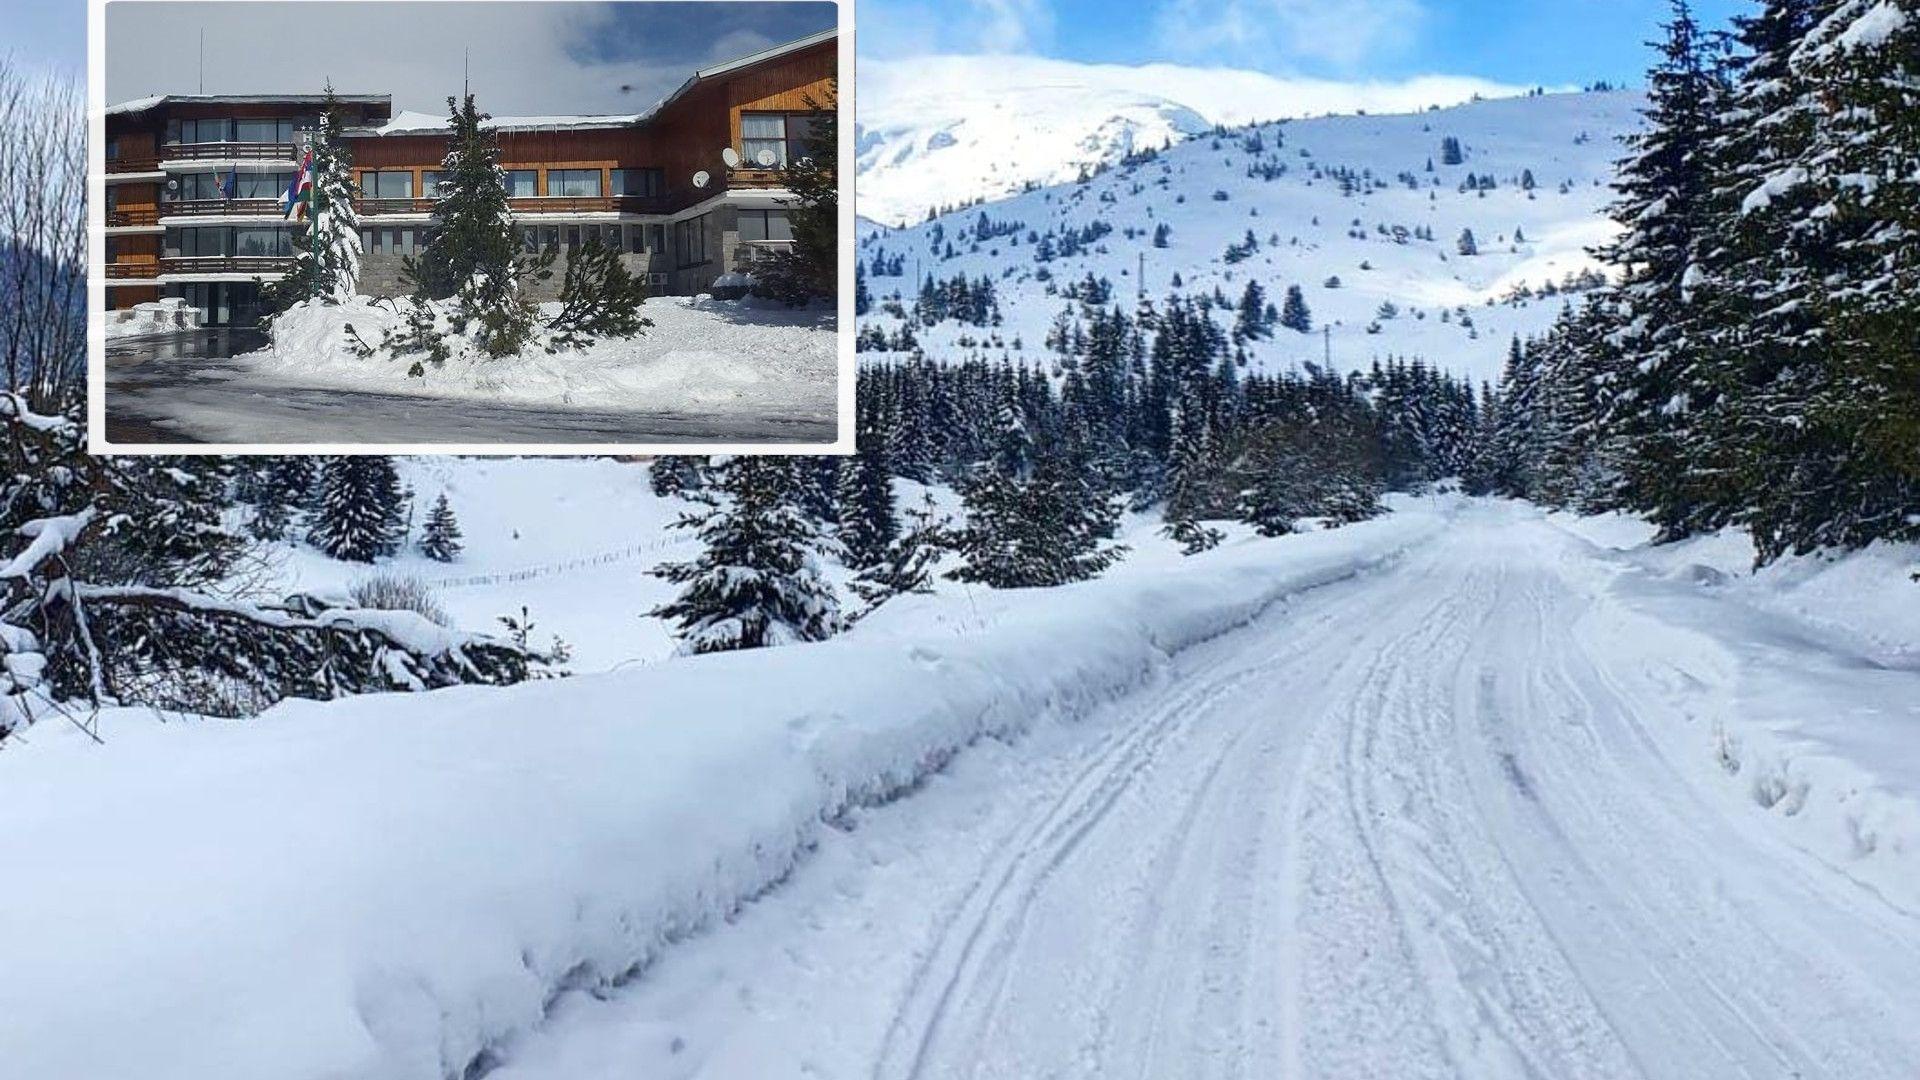 180 спортисти са в капан на Белмекен, пътят е затрупан от 2.5 метра сняг